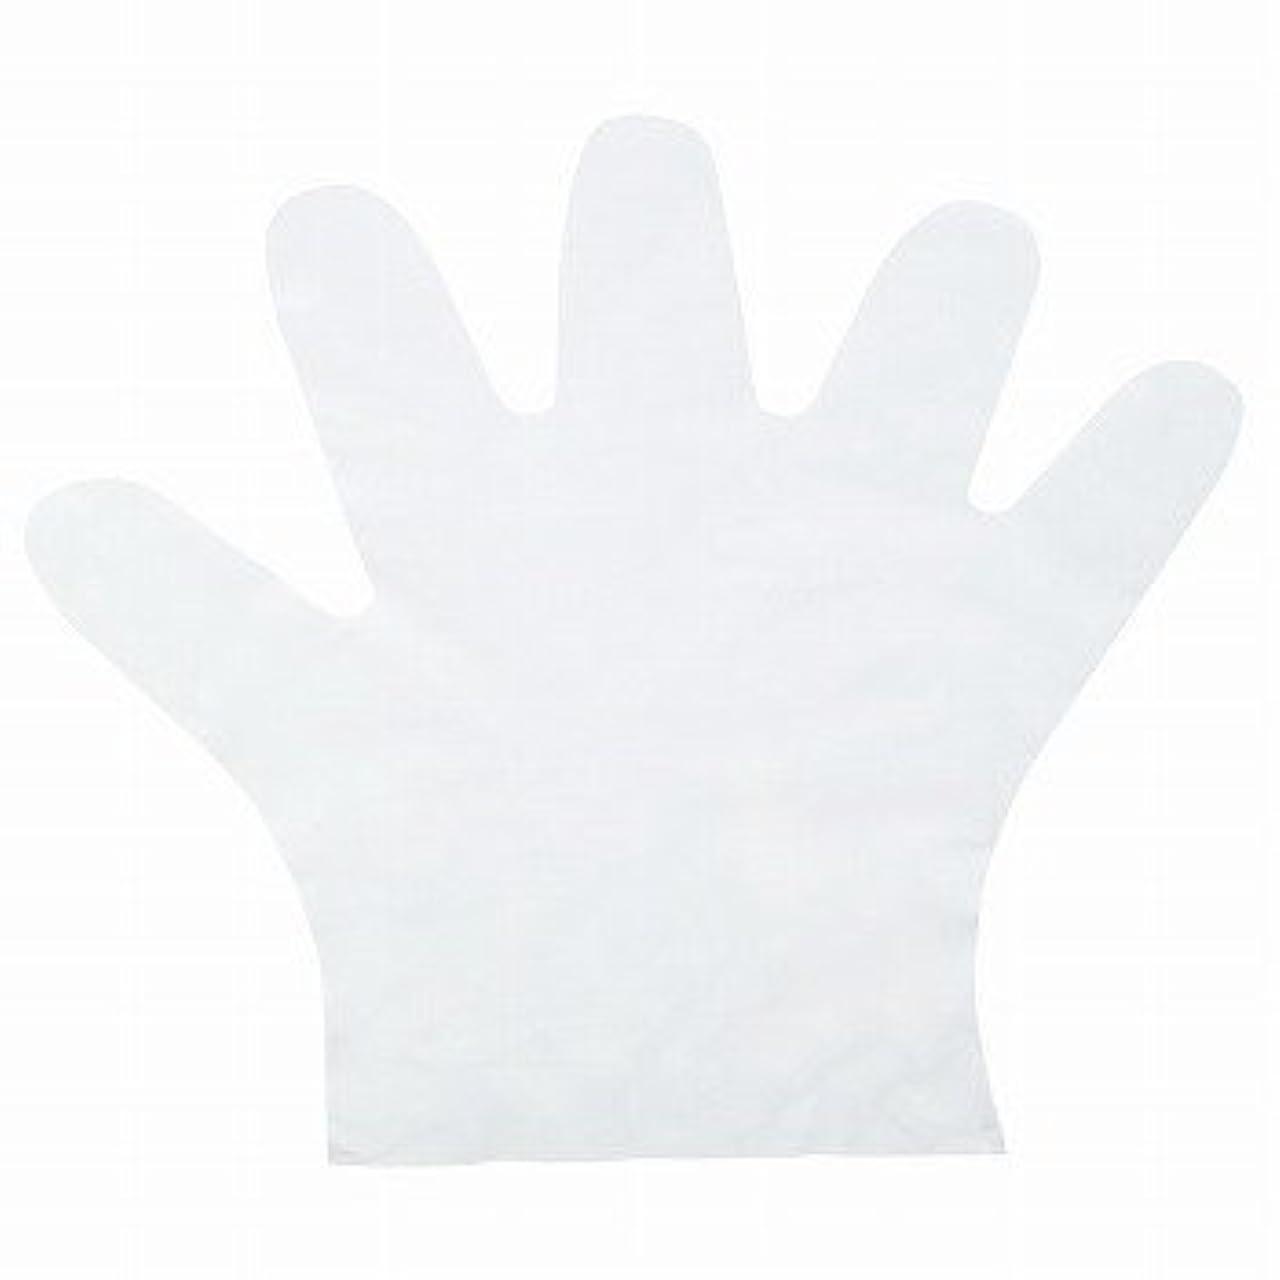 毛皮チャンバー革新おたふく手袋/ポリエチディスポ(LD) 100枚入×50セット[総数5000枚]/品番:248 サイズ:SS